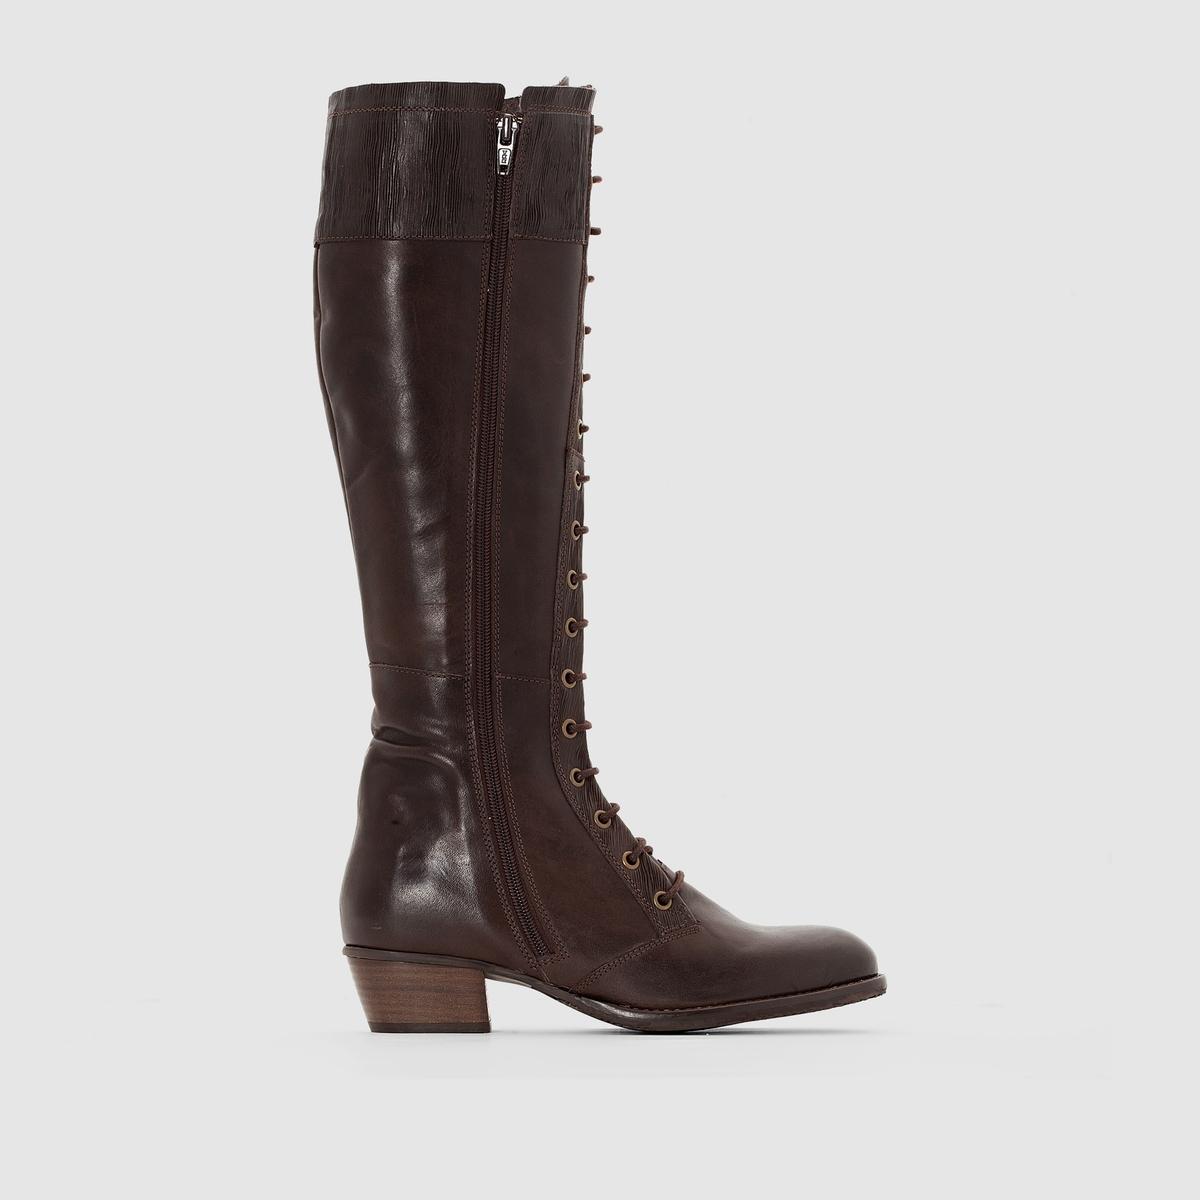 Сапоги из кожи на шнуровке RubyВерх/ Голенище : Яловичная кожа   Подкладка : Кожа   Стелька :  Кожа   Подошва : каучук.   Высота голенища : 42,5 см.    Застежка : шнуровка.<br><br>Цвет: темный каштан<br>Размер: 39